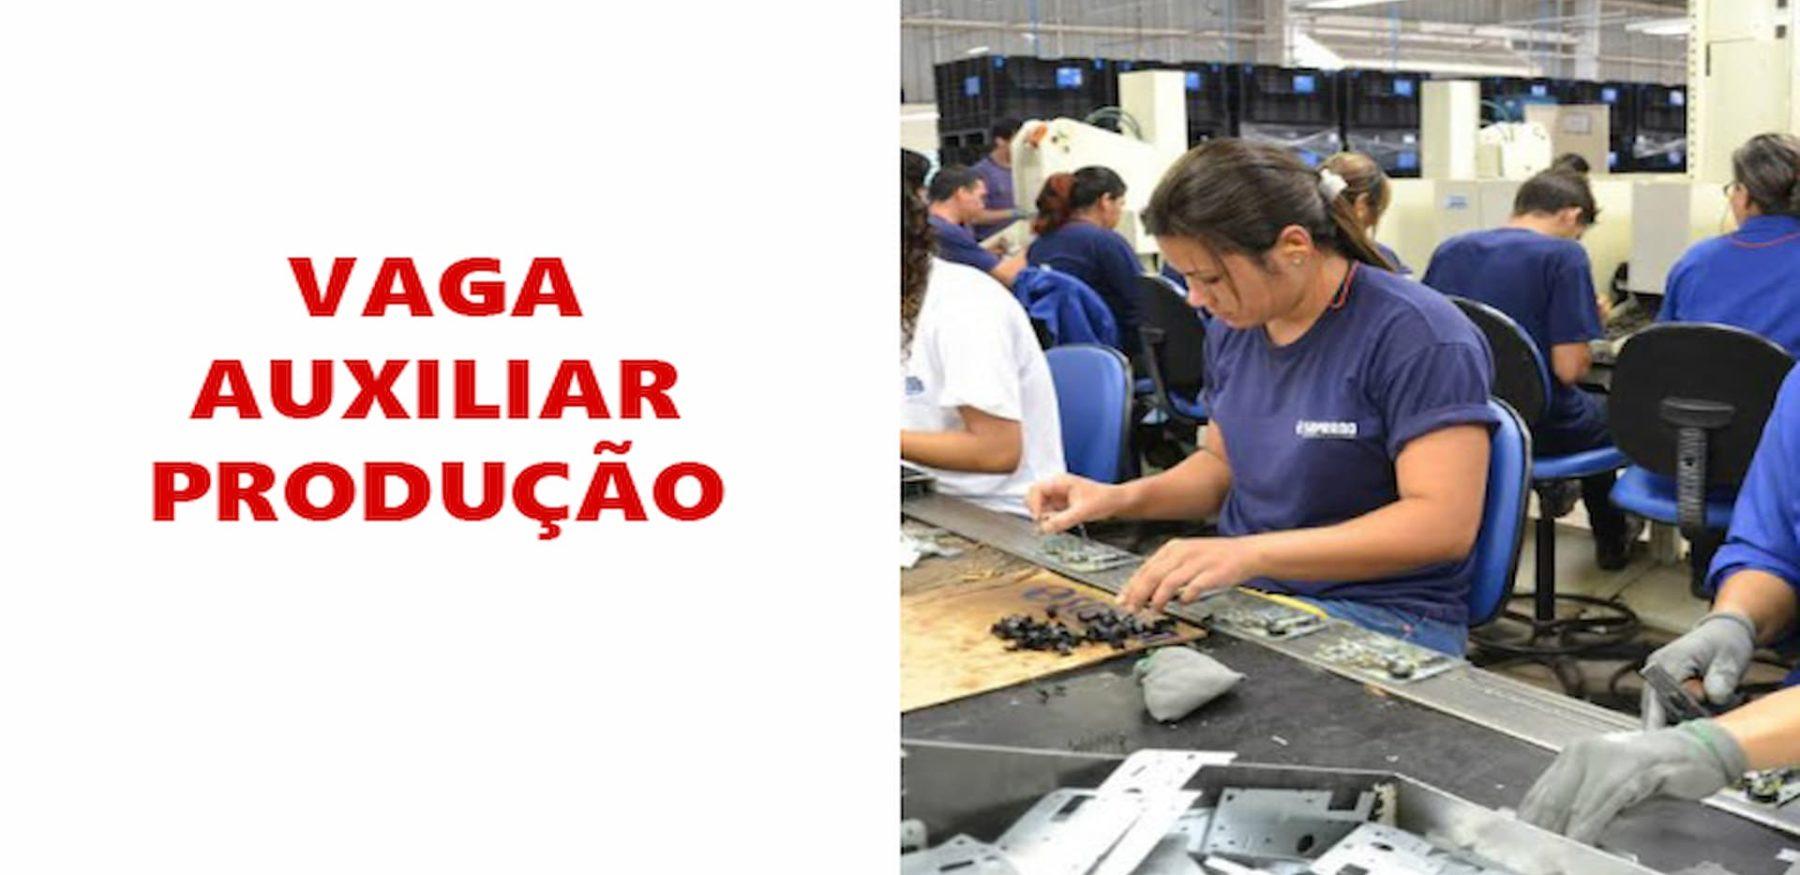 Auxiliar de Producao com Ensino Medio Completo 1800x875 - Indústria abre vagas de Auxiliar de Produção com Ensino Médio Completo